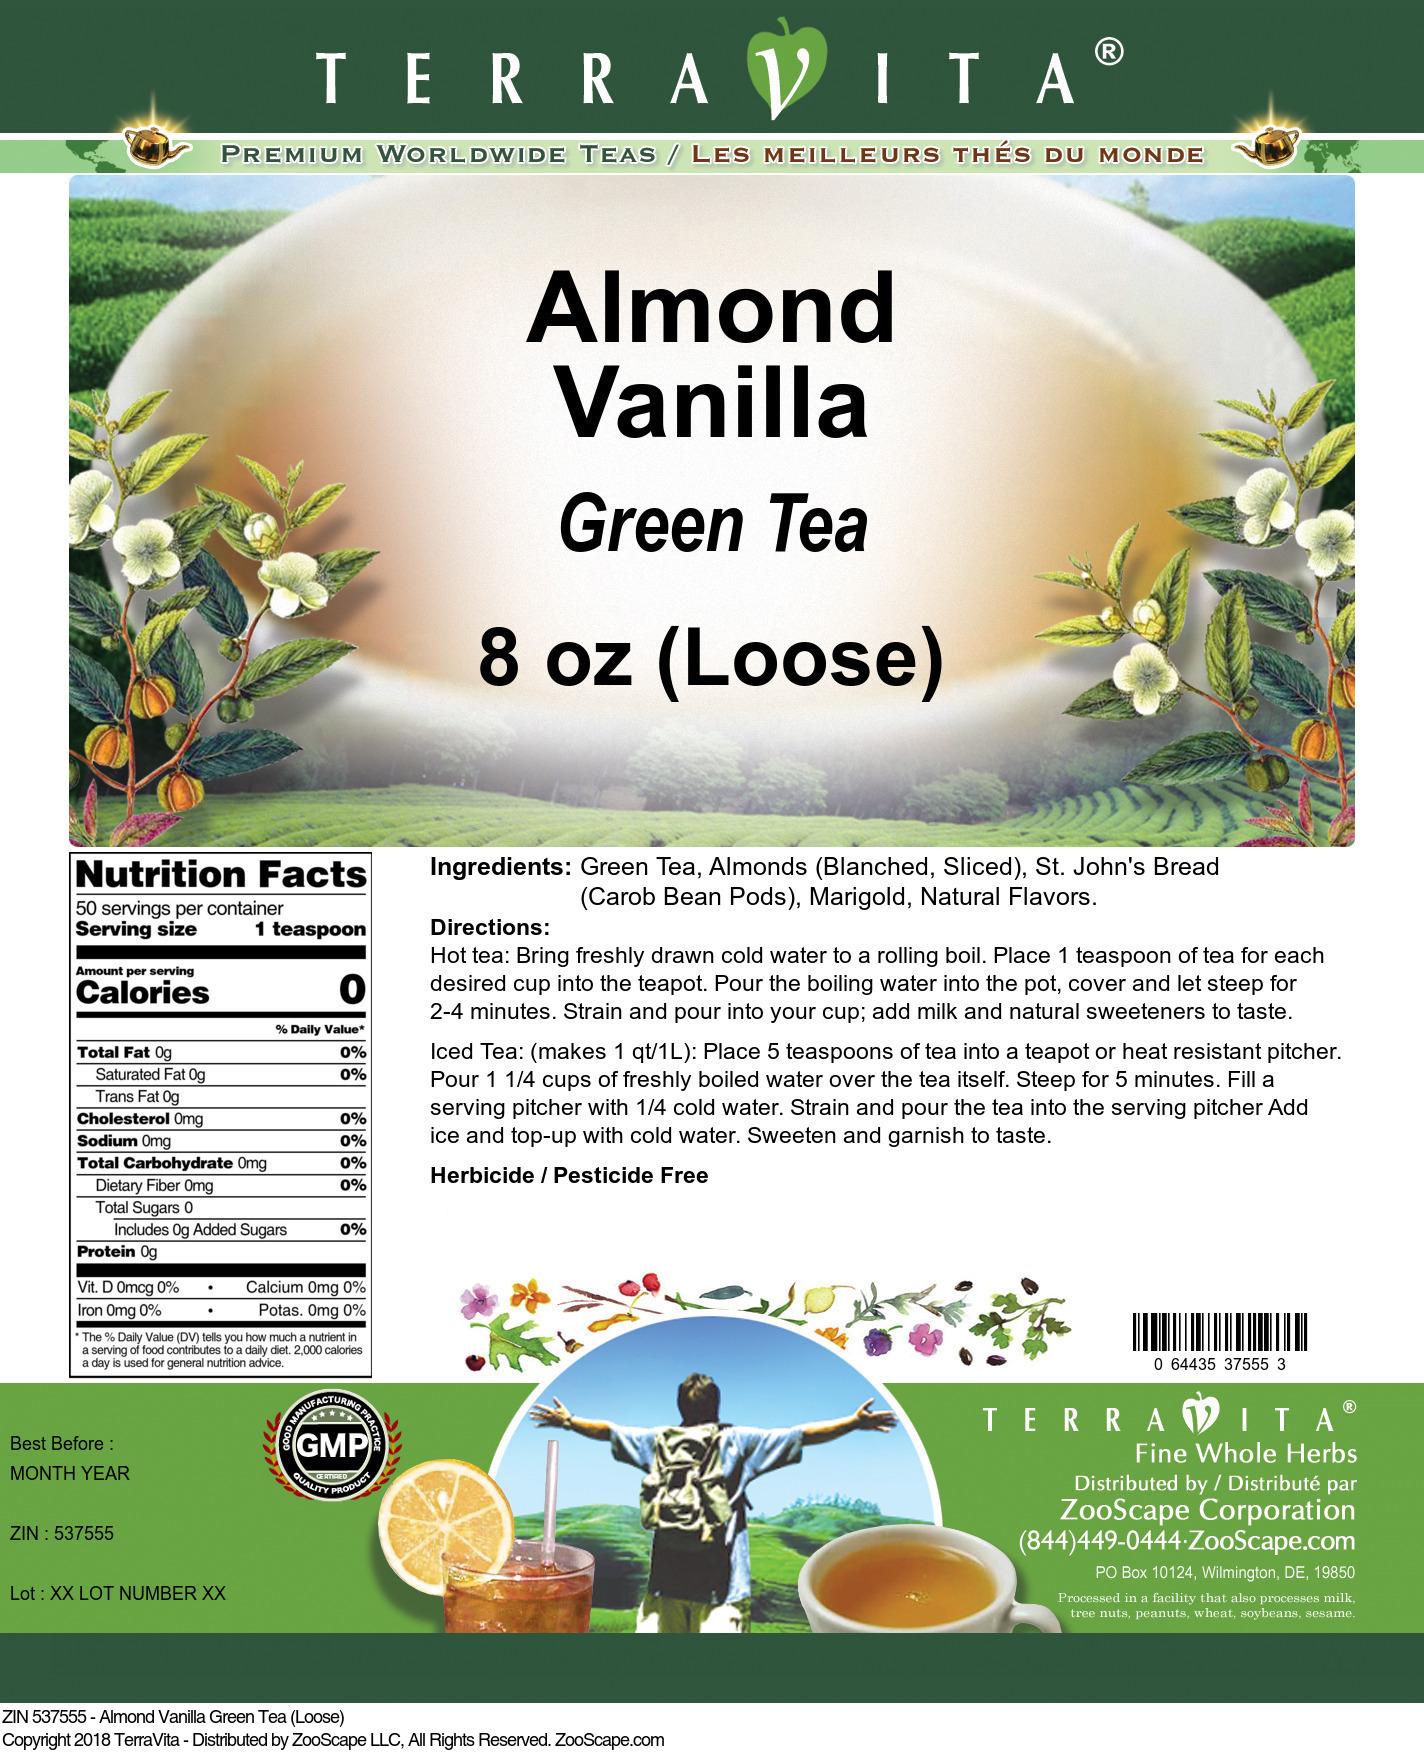 Almond Vanilla Green Tea (Loose)